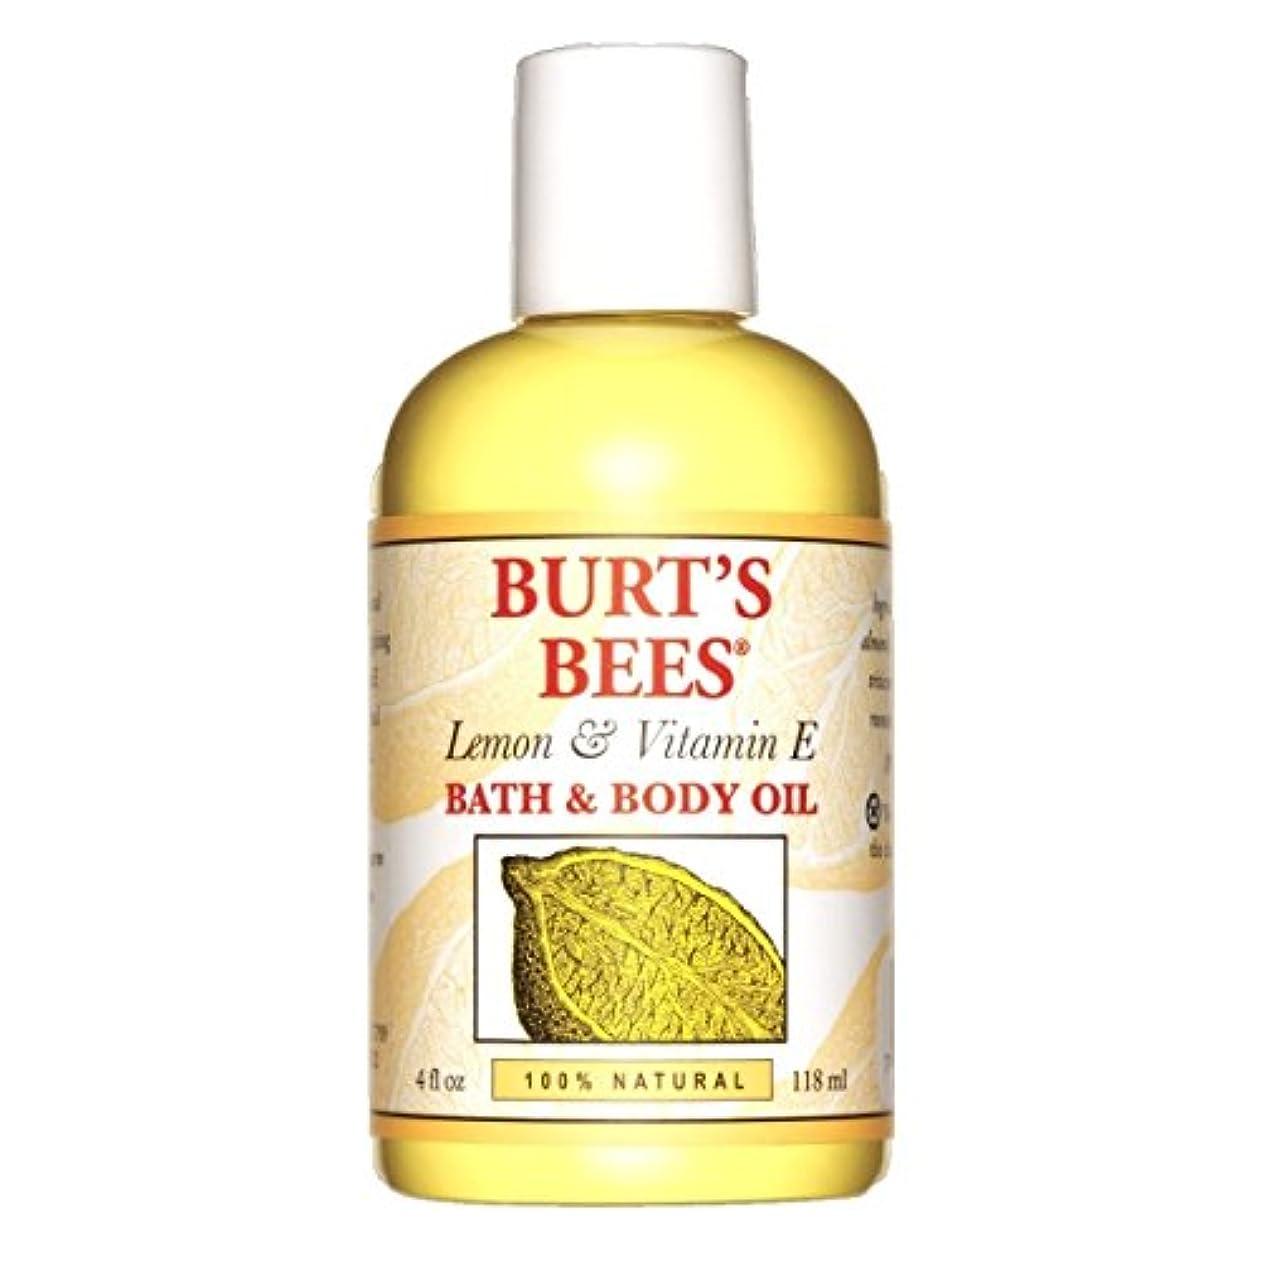 検出器花火女王バーツビーズ(Burt's Bees) レモン&ビタミンE バスアンドボディオイル 118ml [海外直送品][並行輸入品]